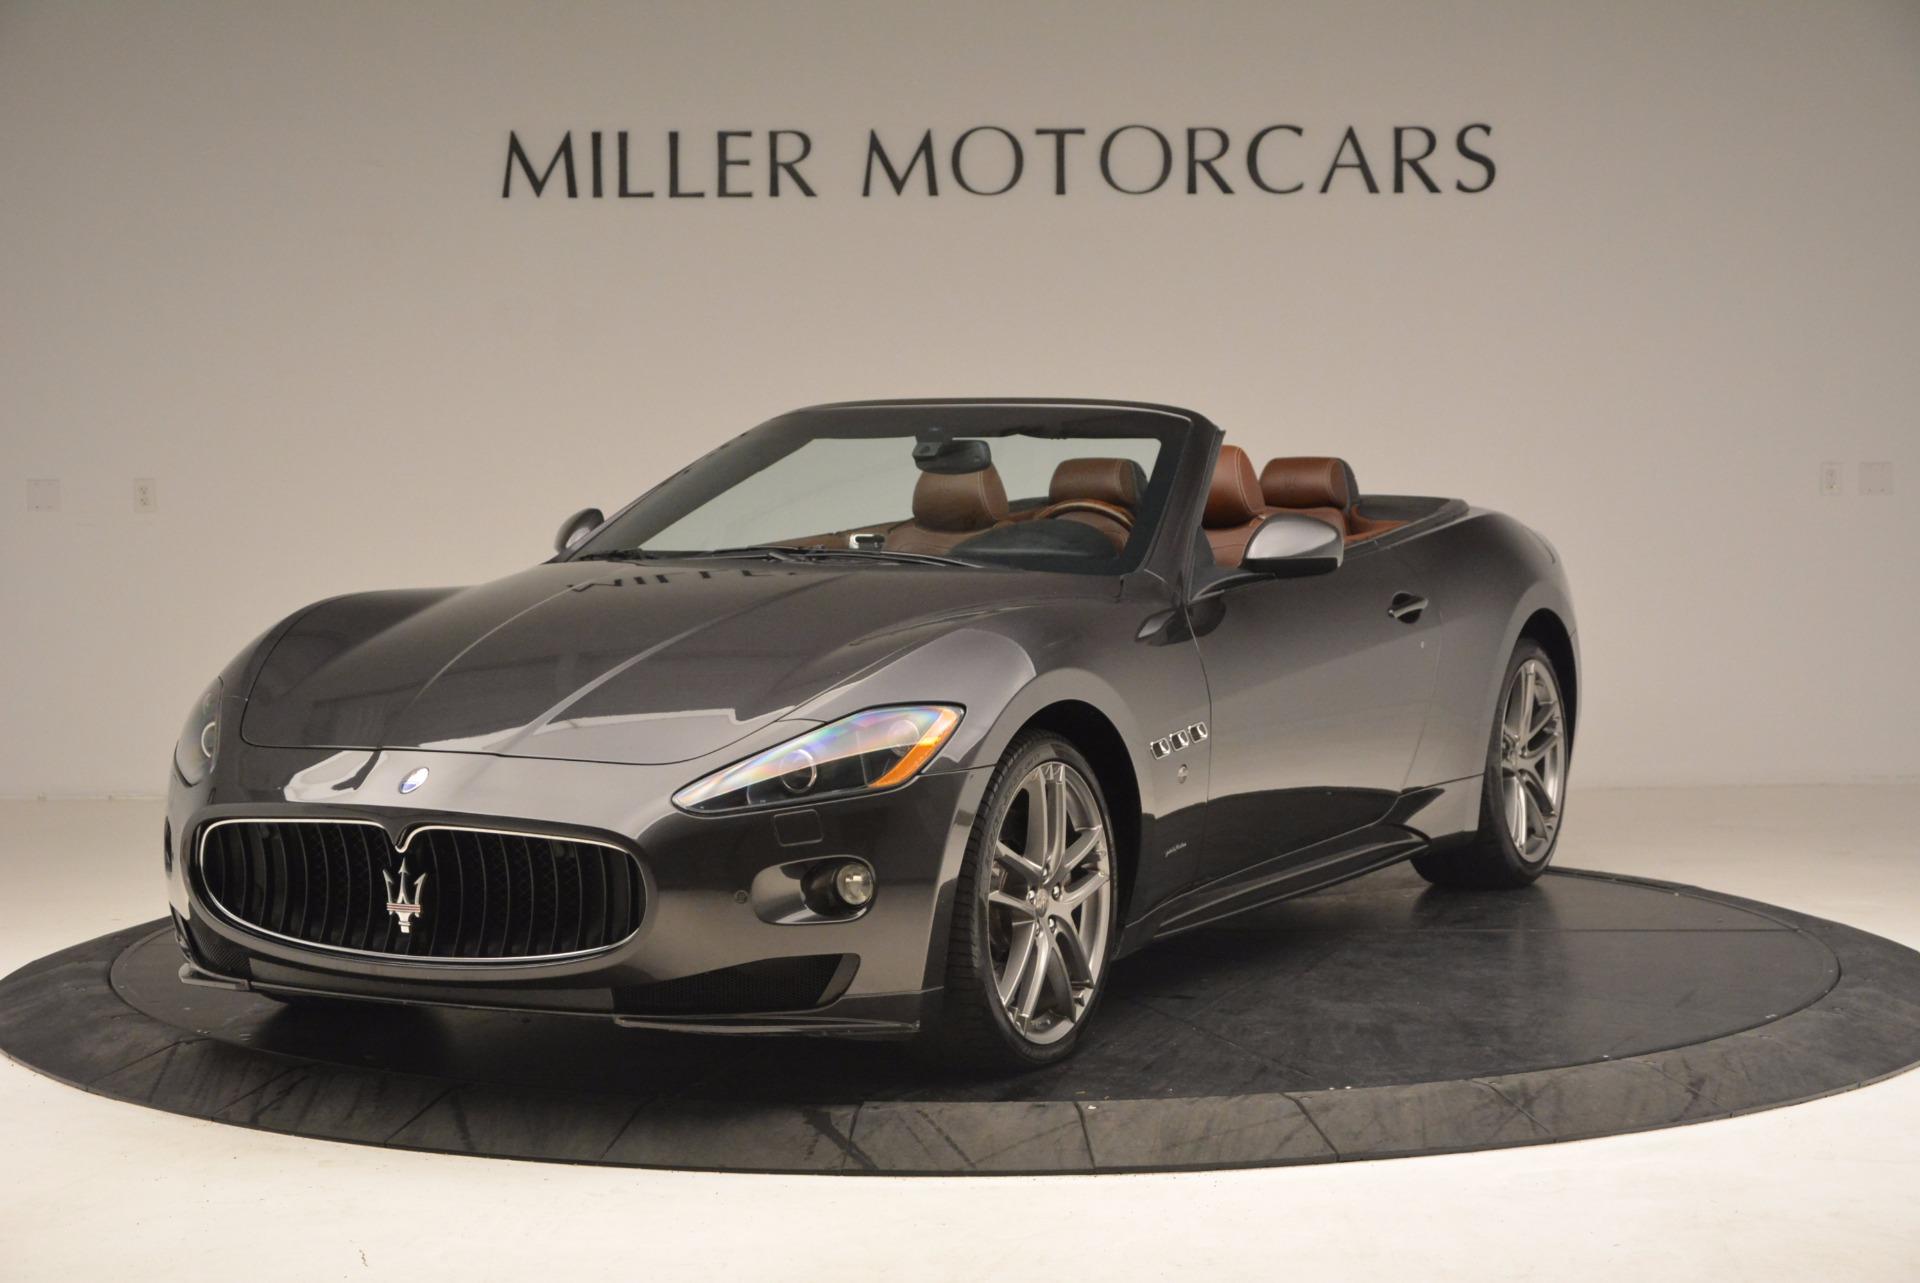 Used 2012 Maserati GranTurismo Sport for sale Sold at Aston Martin of Greenwich in Greenwich CT 06830 1